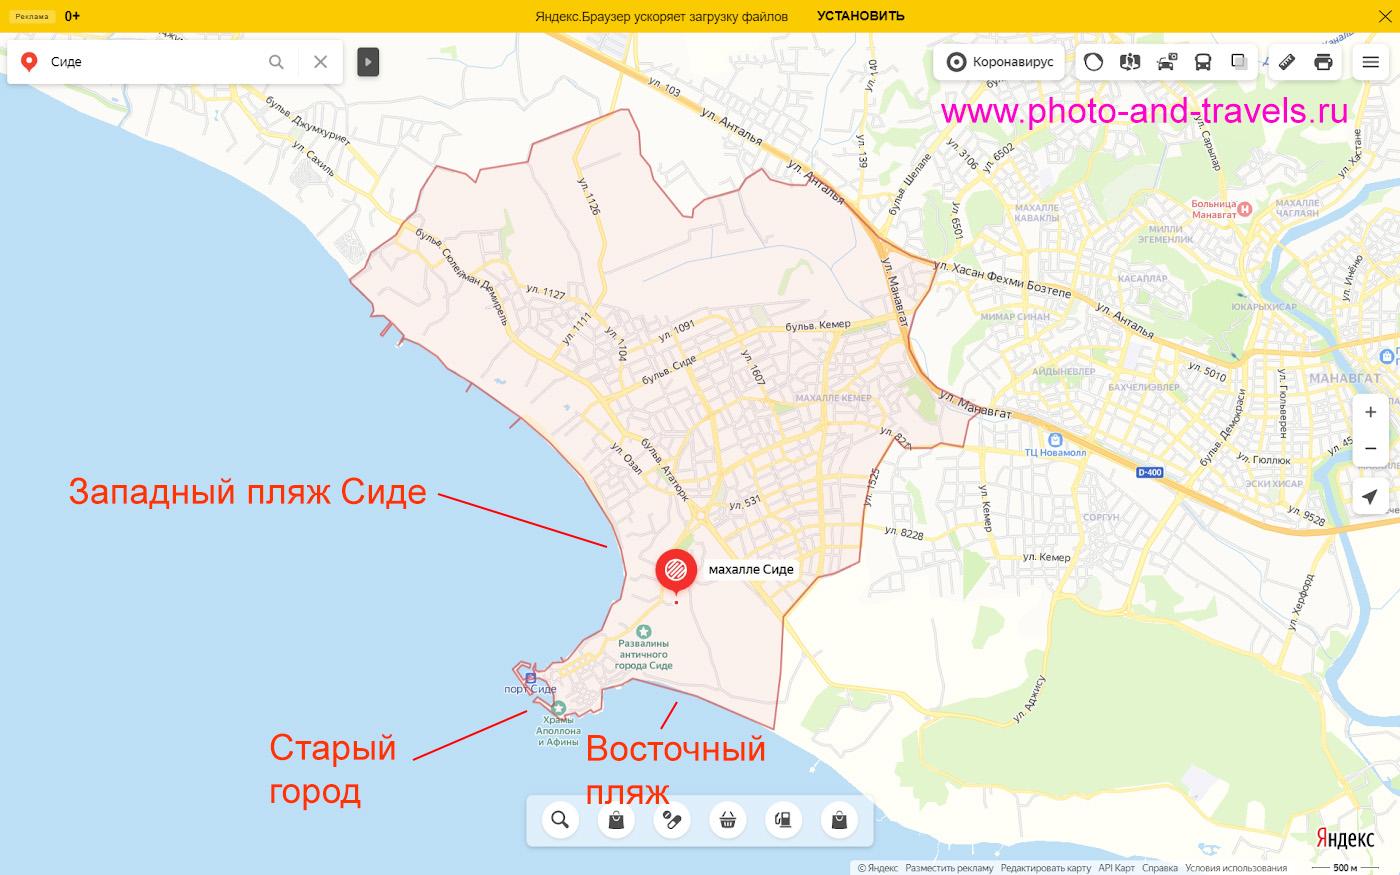 22. Карта со схемой расположения Западного и Восточного пляжей в Сиде.